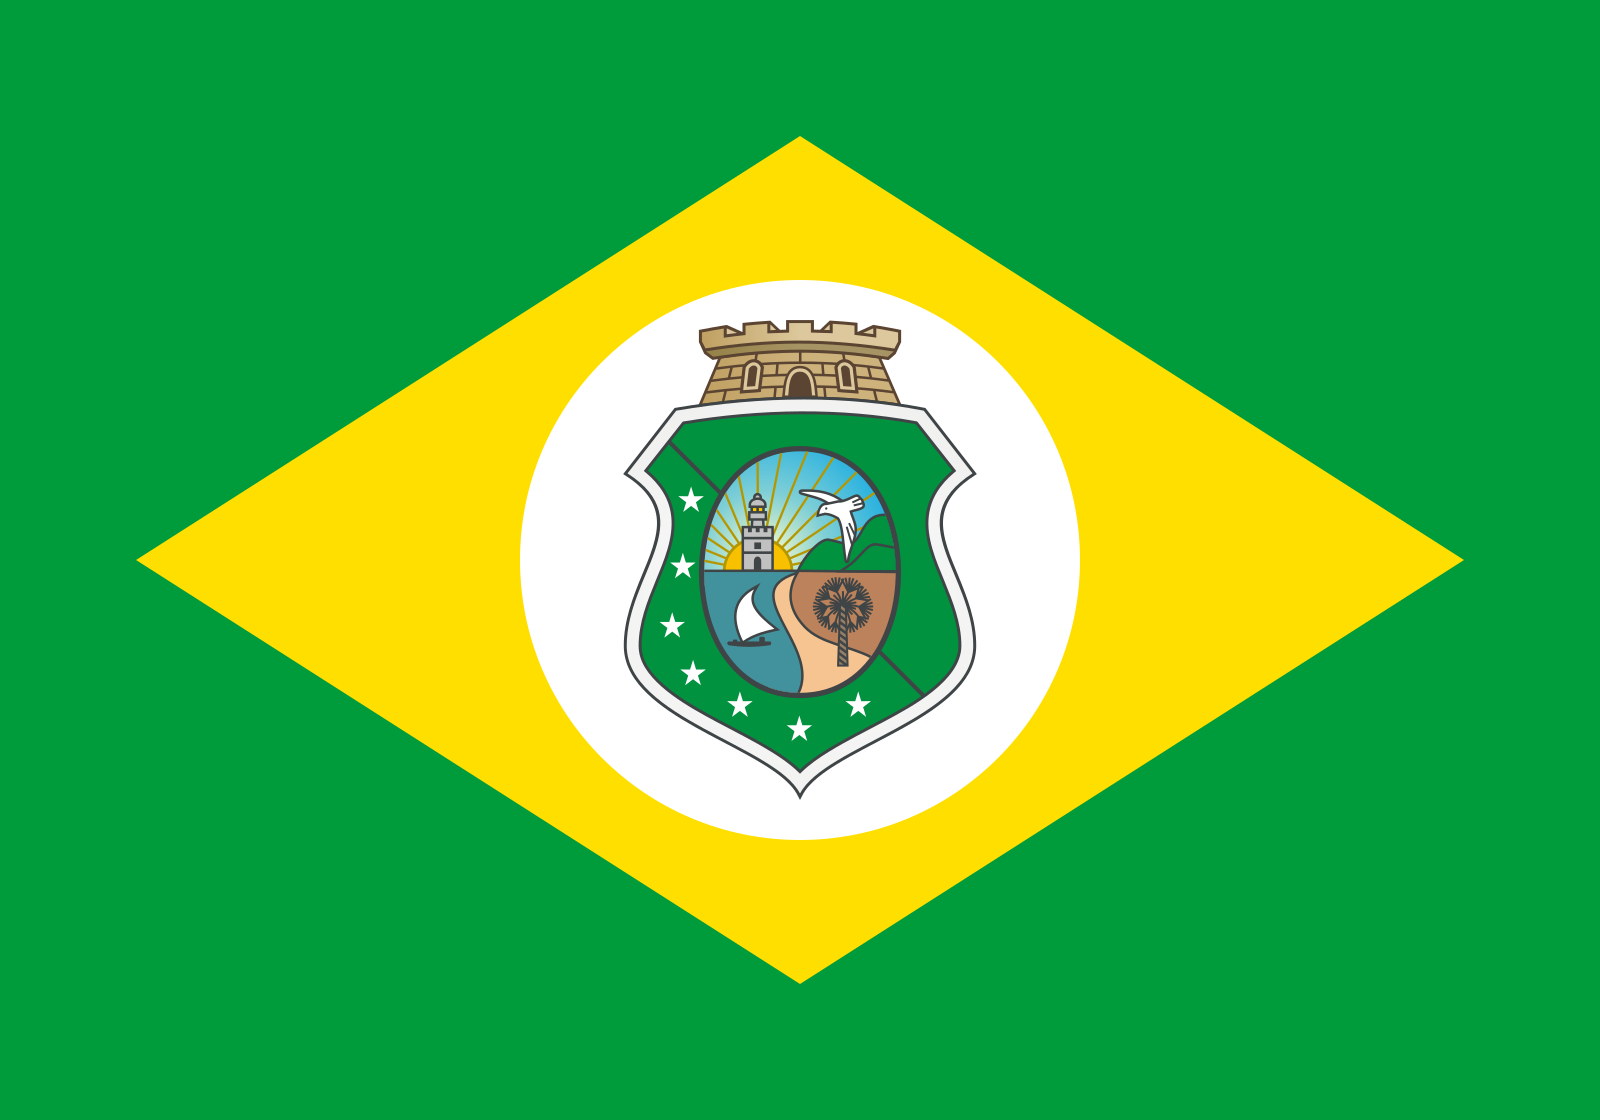 Hino do estado do Ceará download mp3.